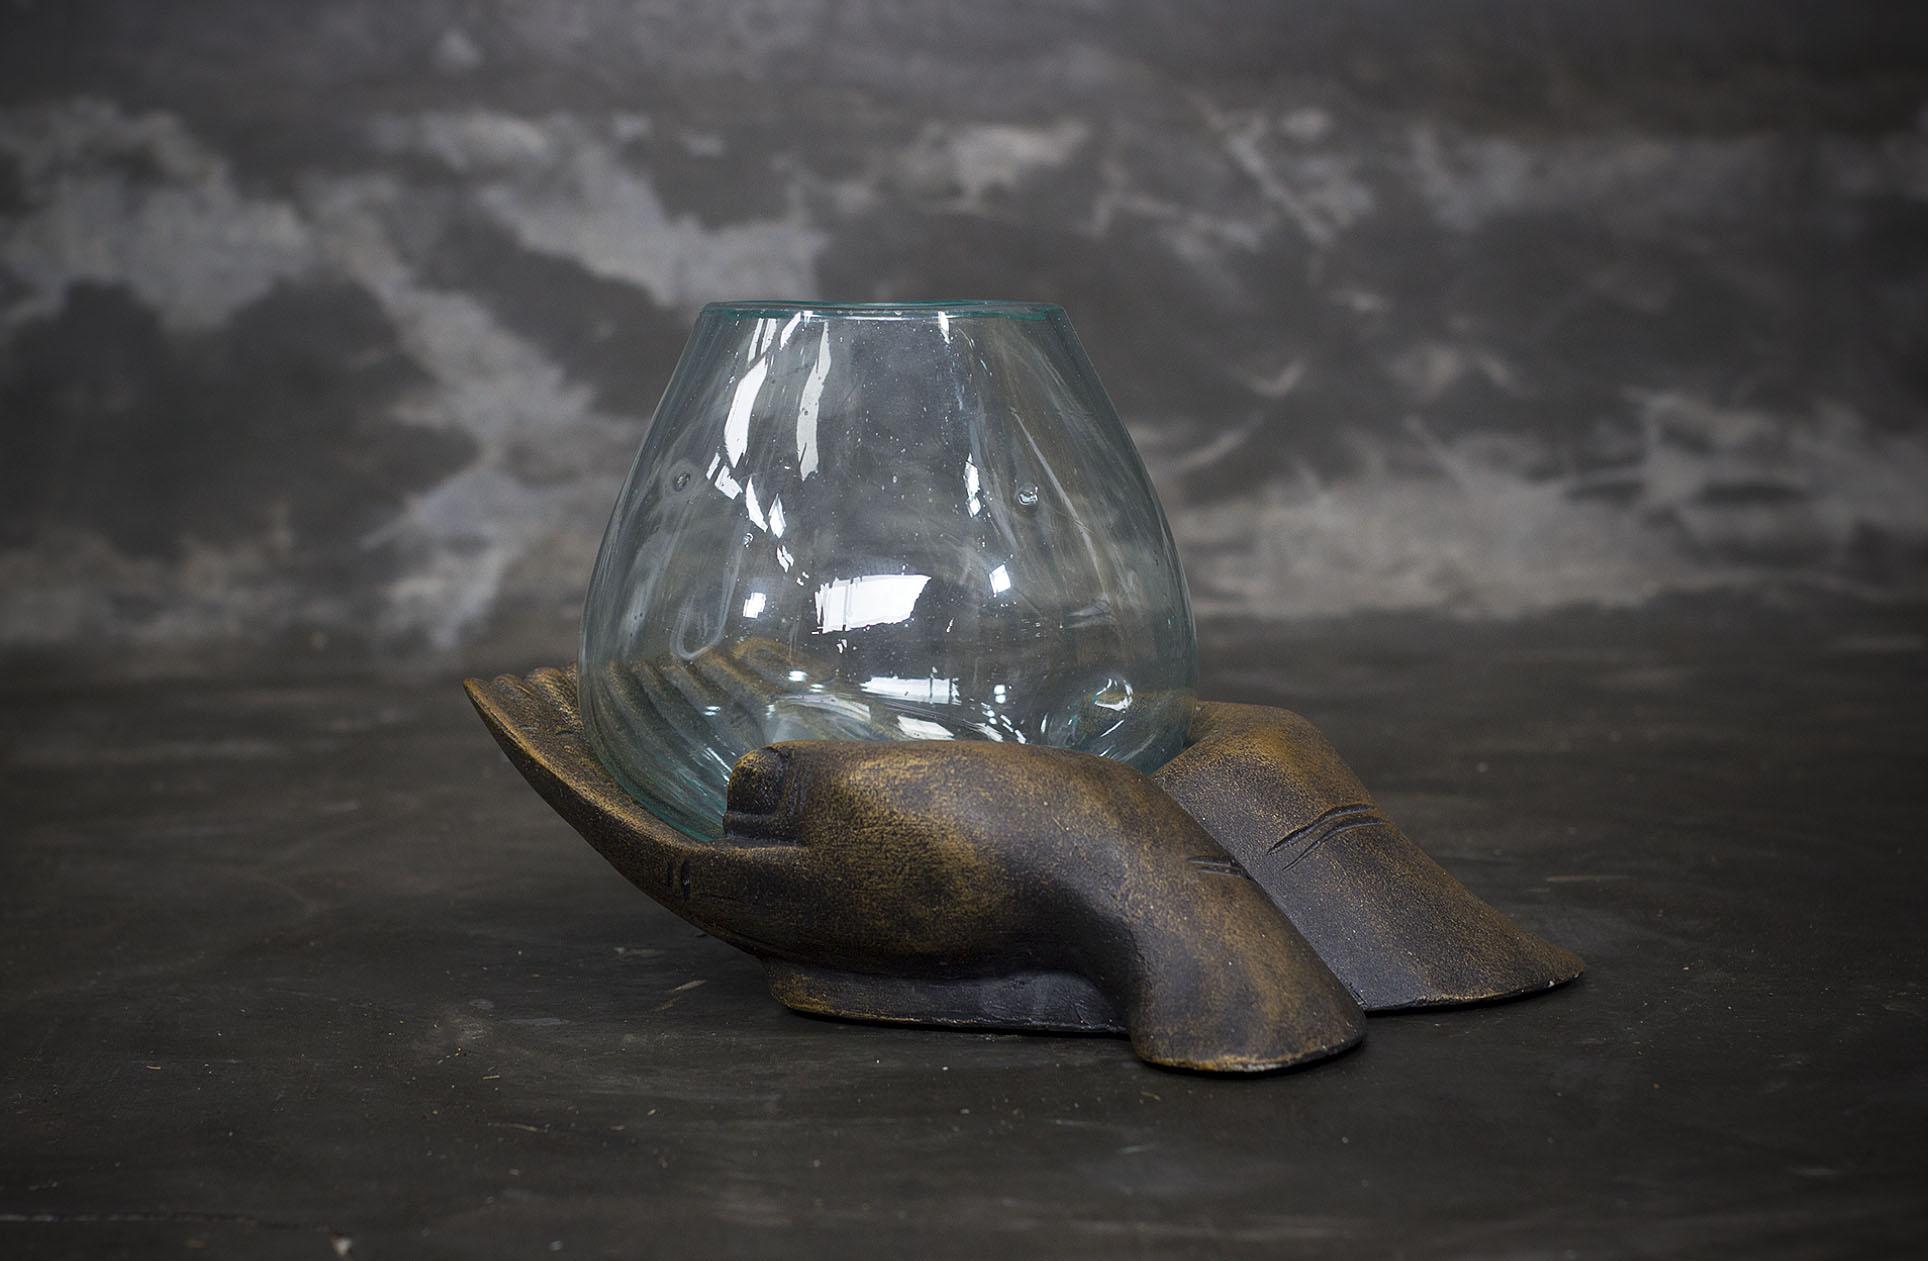 Manos decorativas cerámicas con recipiente de vidrio